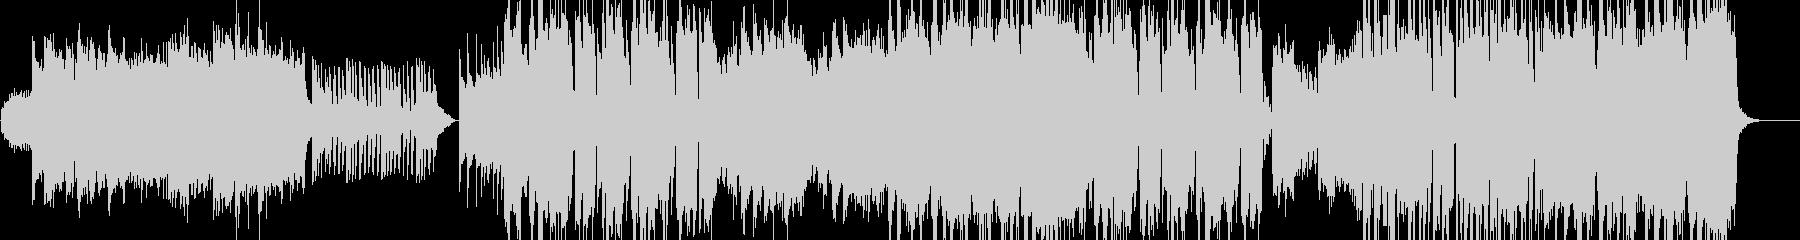 広大なミュージカルオーケストラの未再生の波形